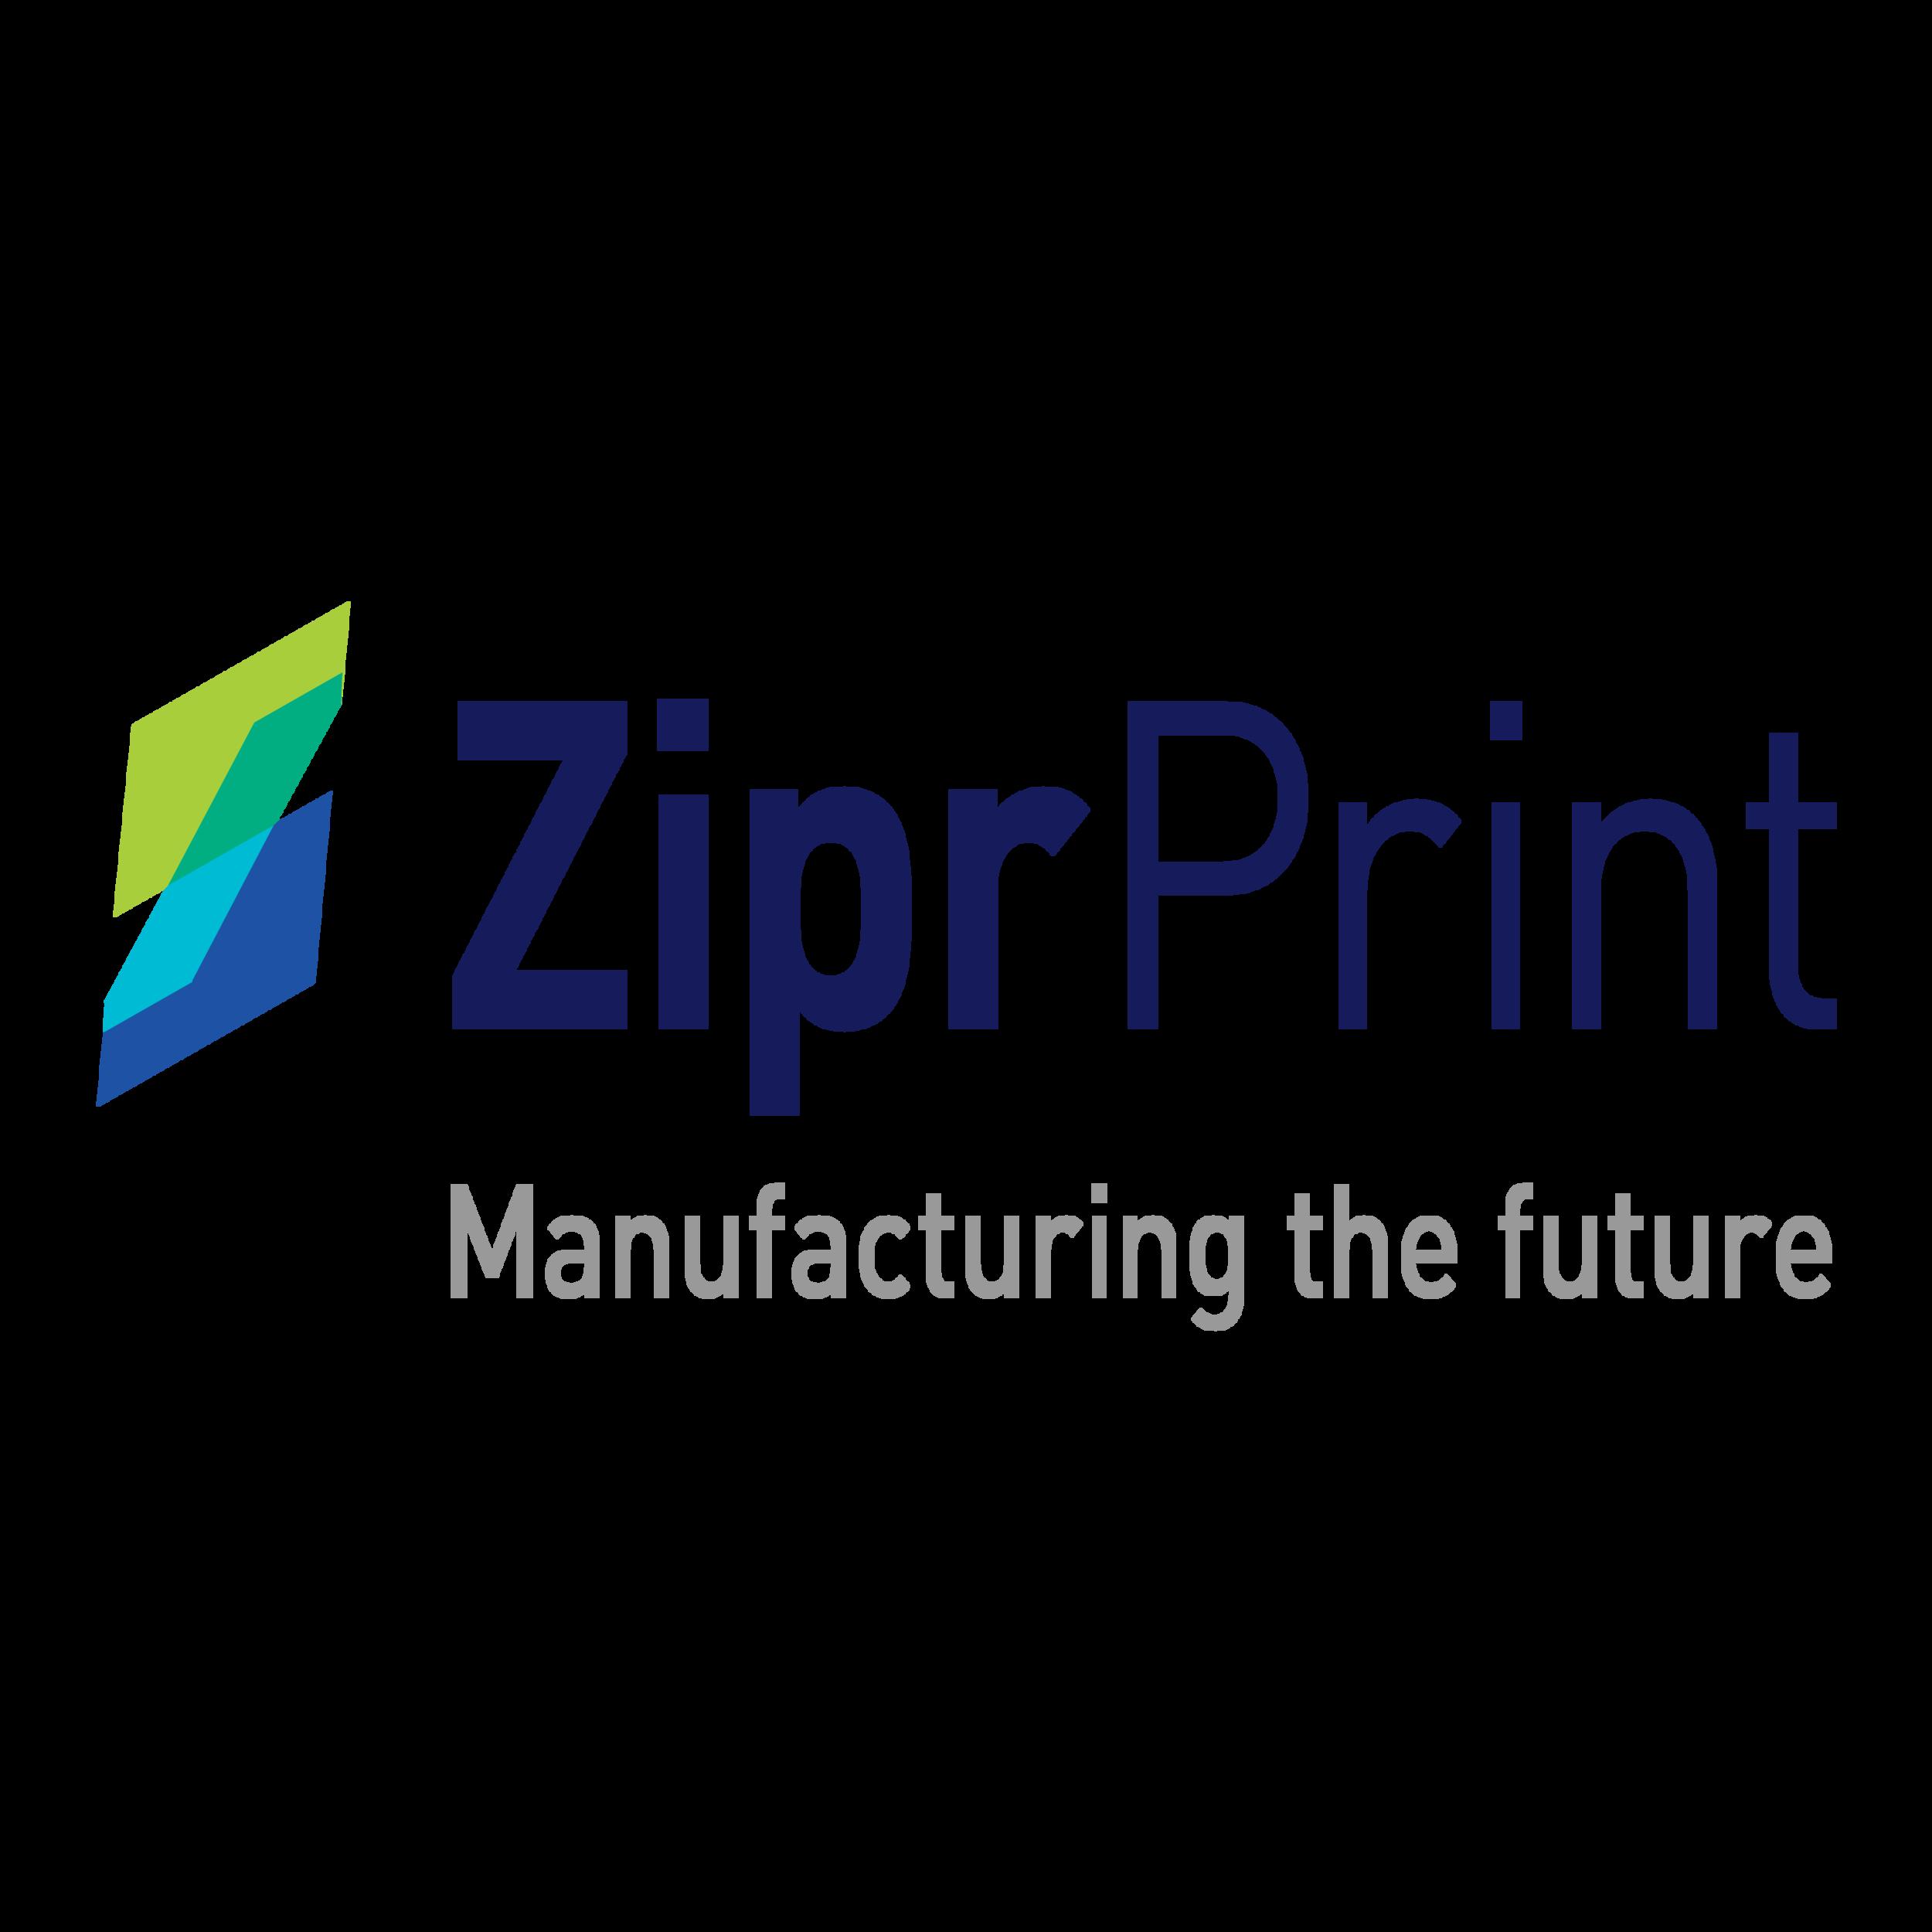 ZiprPrint 2.png